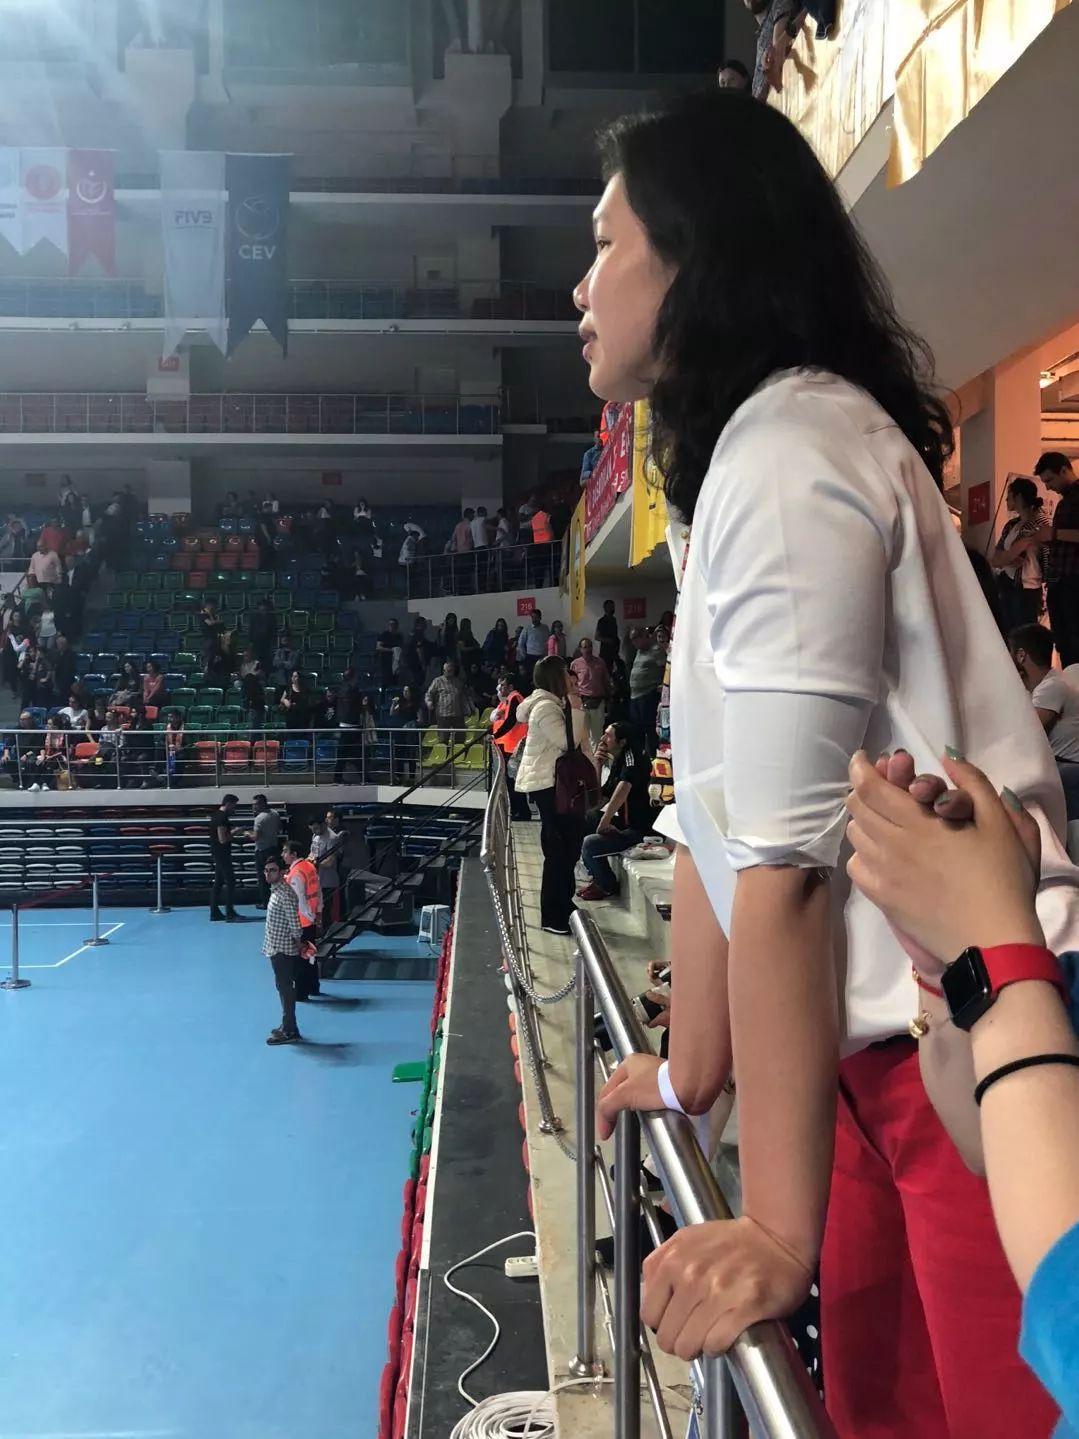 土超决赛徐云丽为朱婷加油 赞其发挥比上场顺畅